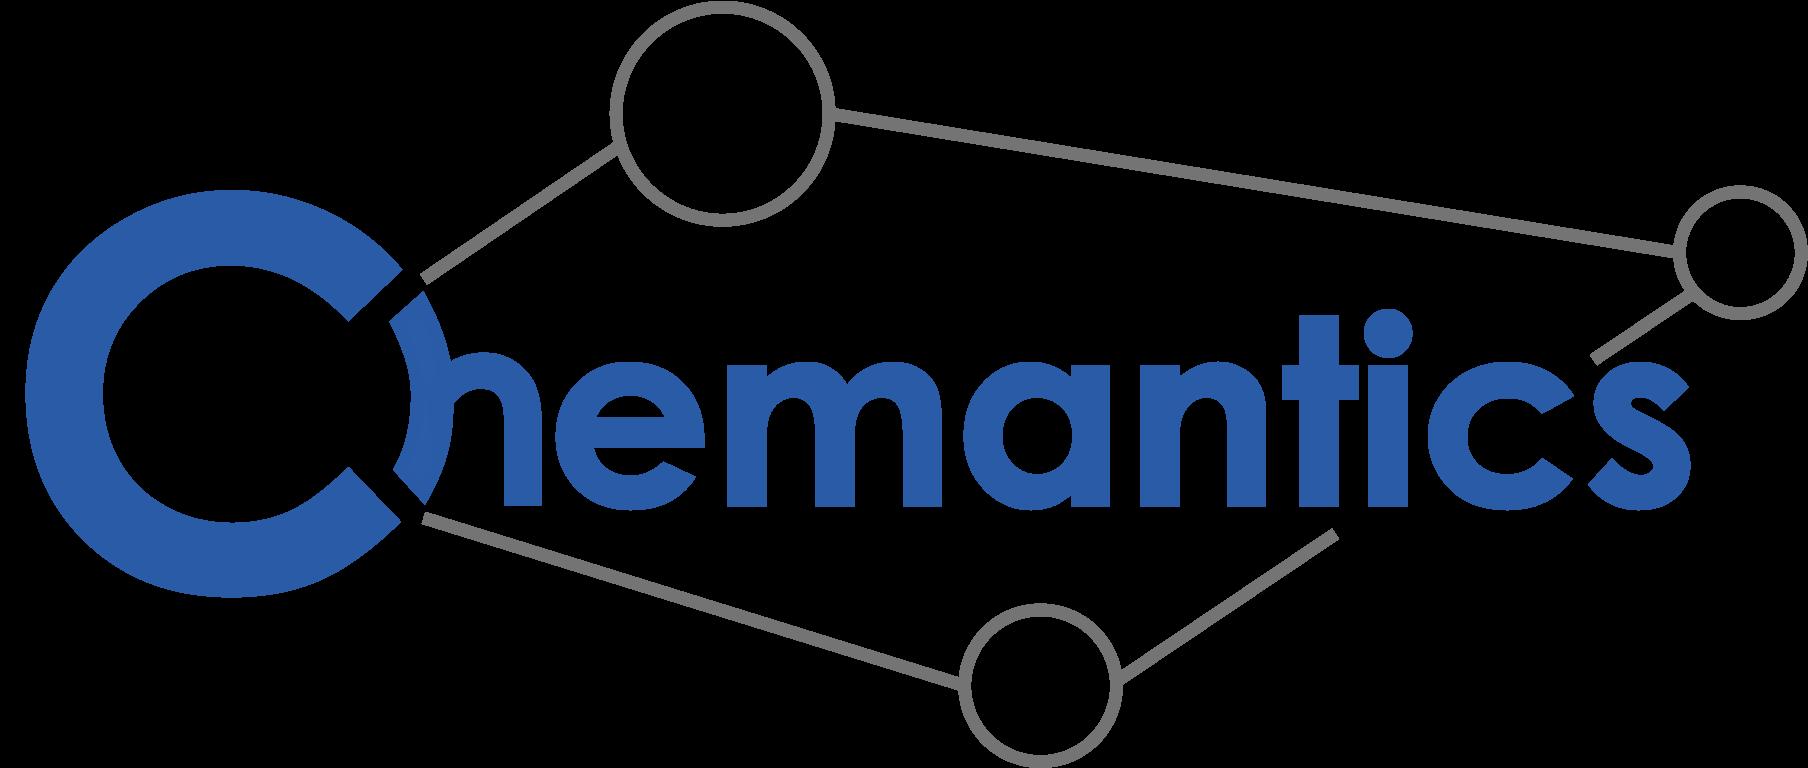 chemantics